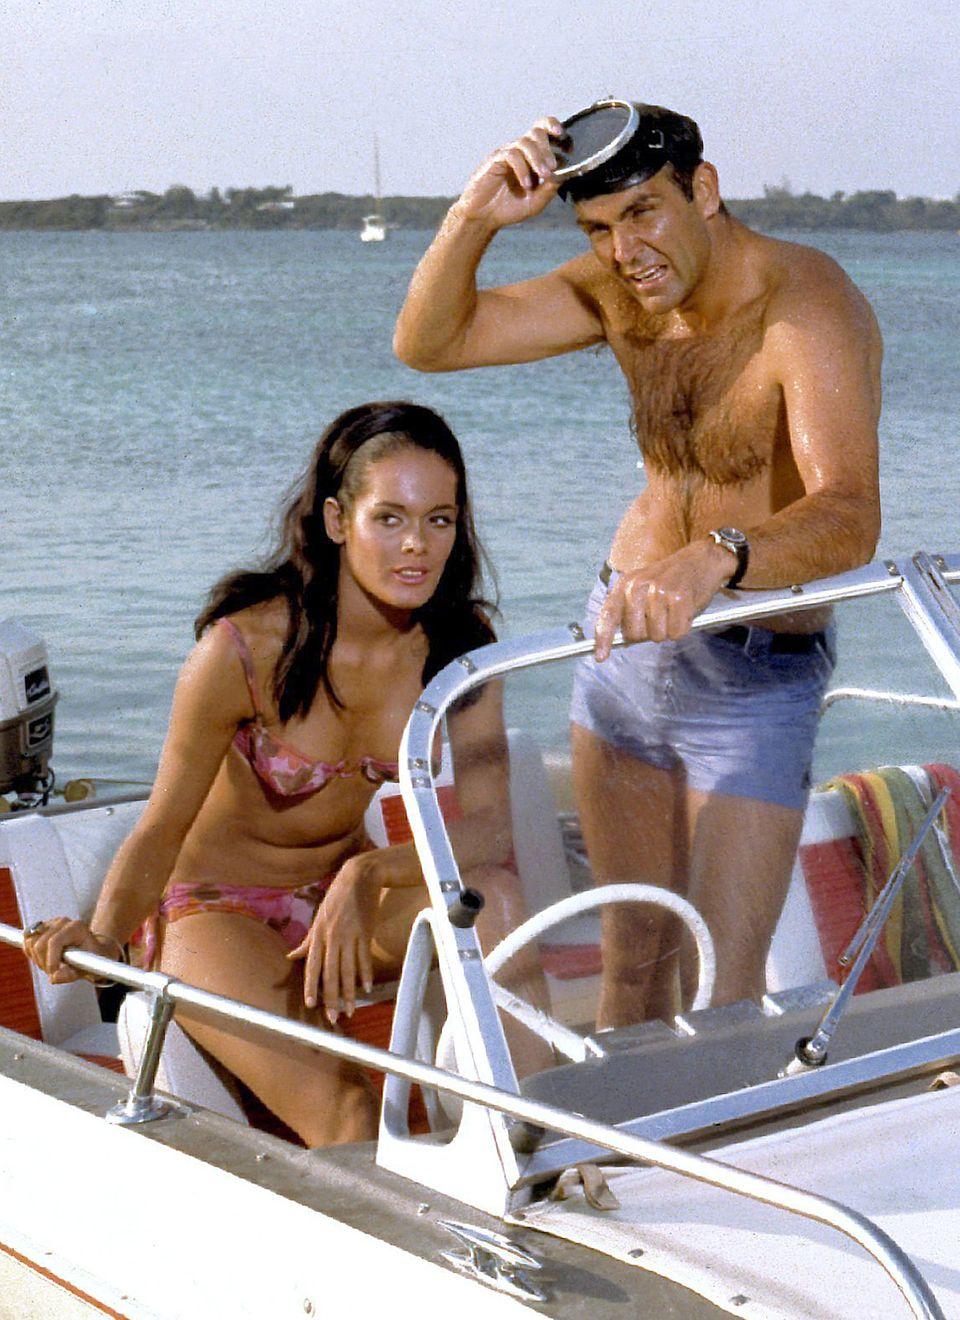 """Martine Beswick bezauberte 1965 James Bond, hier gespielt von Sean Connery, in """"Feuerball"""" nicht nur mit viel nackter Haut, sondern mit ihrer offenen Haarpracht im Haarreifen-Look der Sechziger Jahre."""